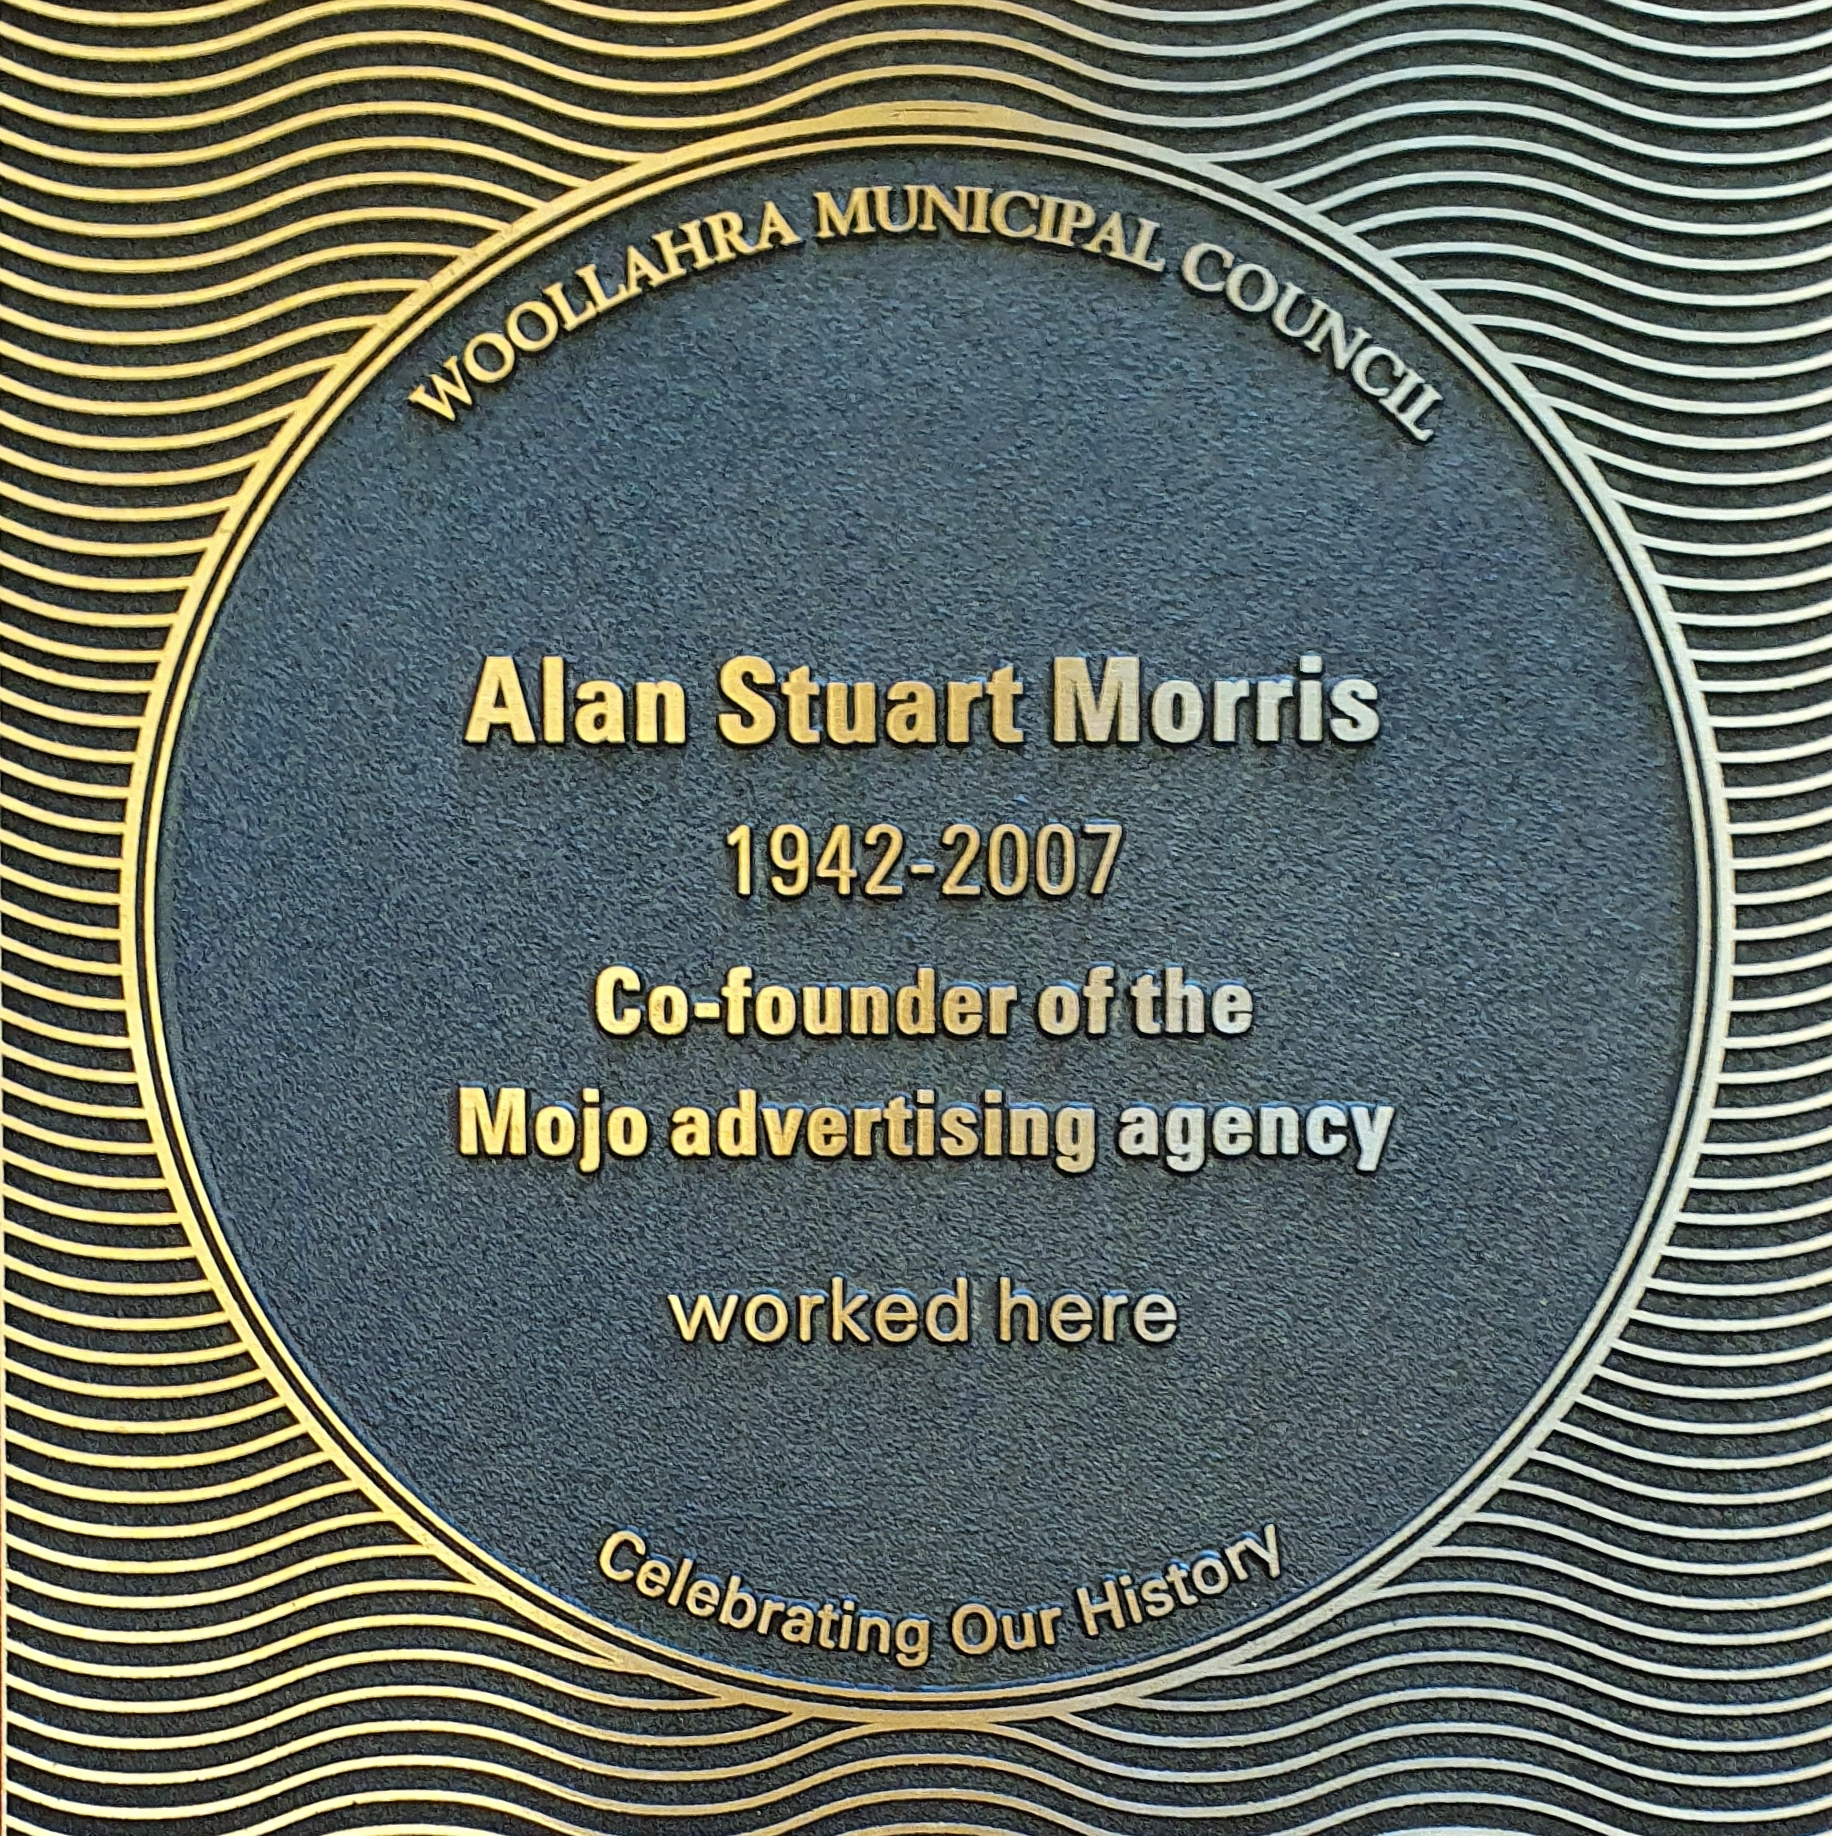 Alan Stuart Morris plaque